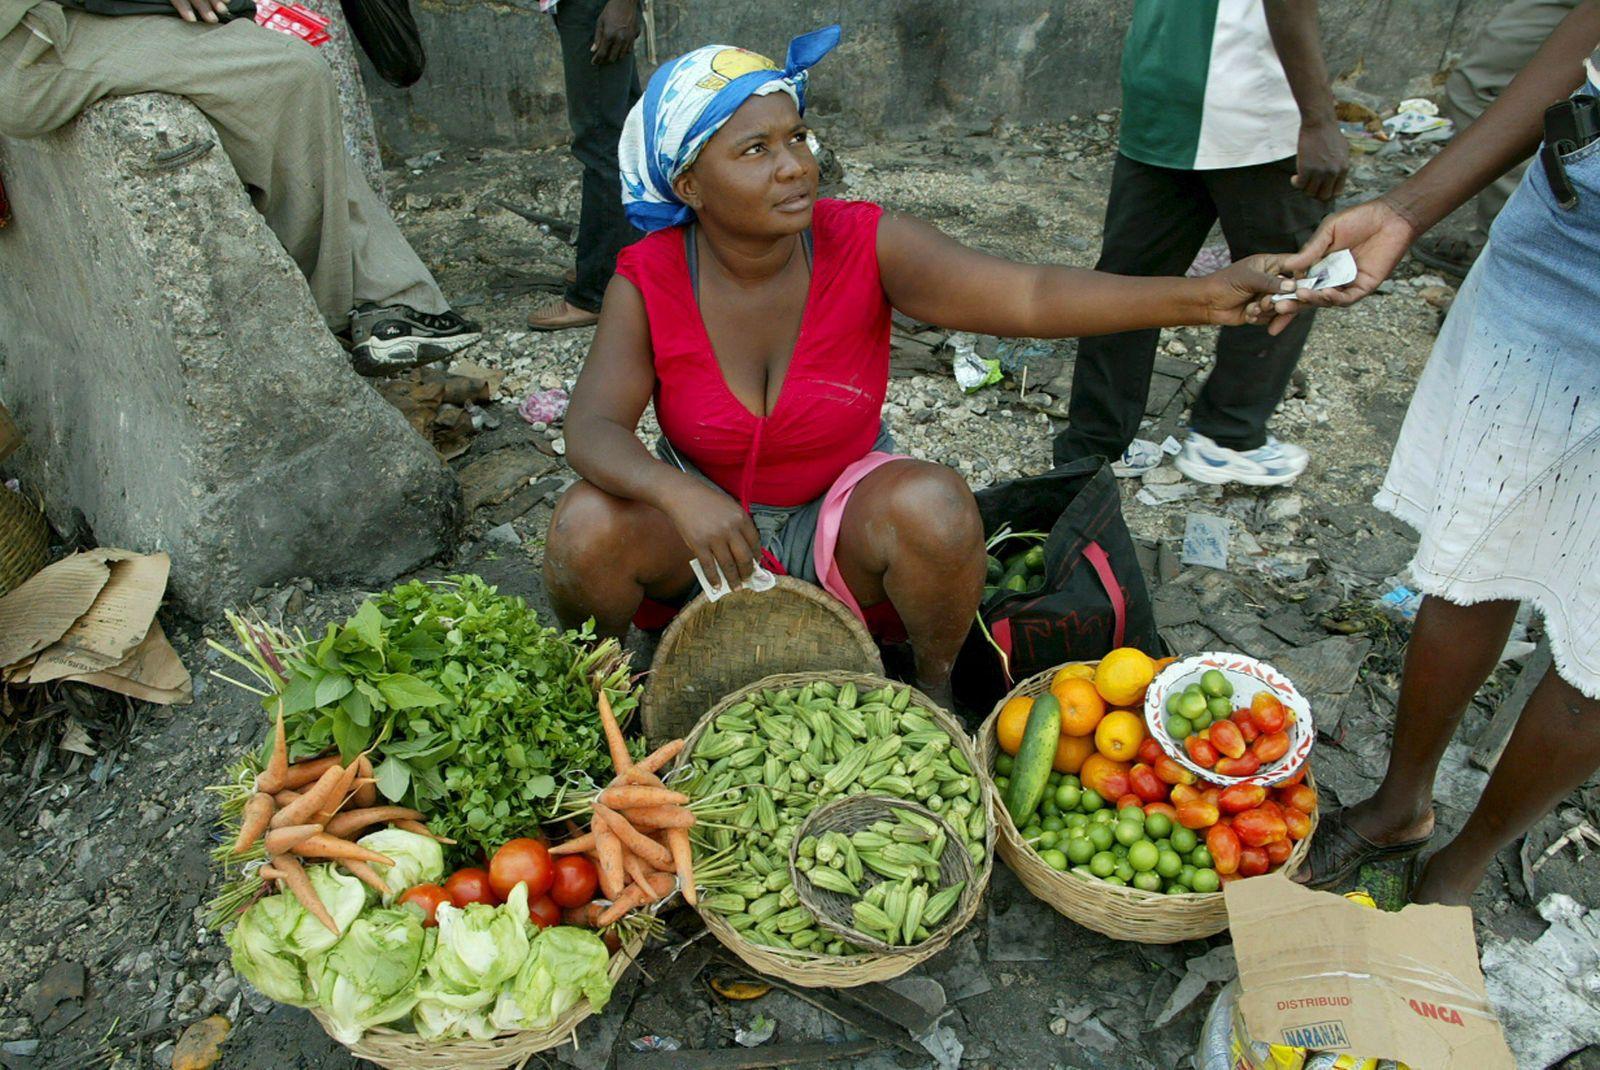 Illustration Hungerländer / Haiti / Ernährung / Nahrungsmittel / Lebensmittel